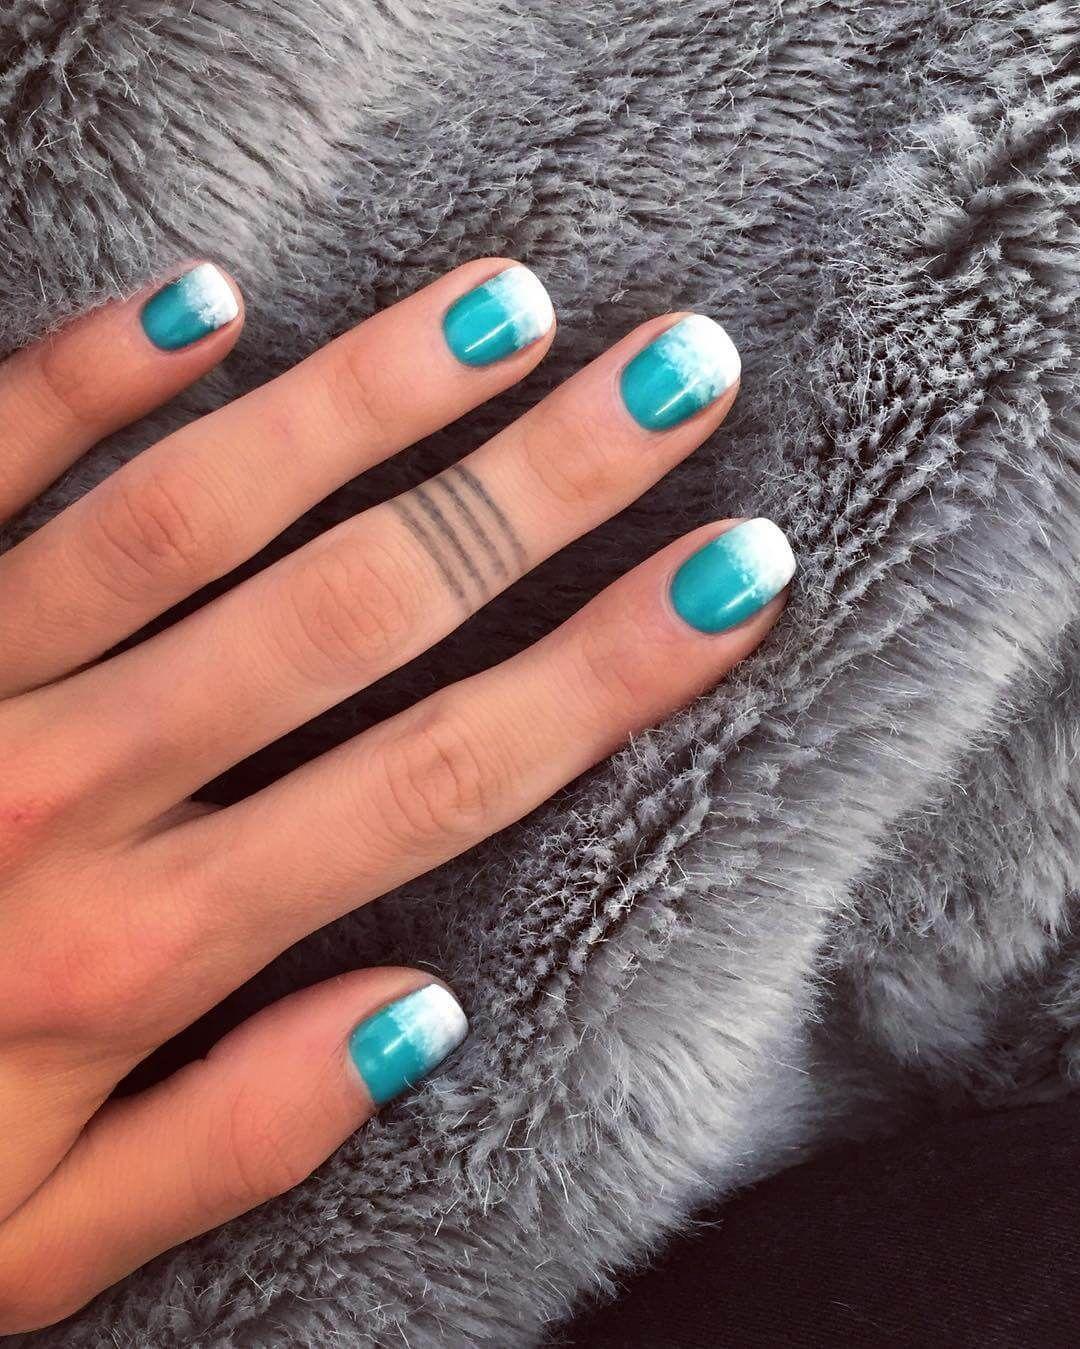 cool nail designs for short nails - Nail Design Ideas For Short Nails